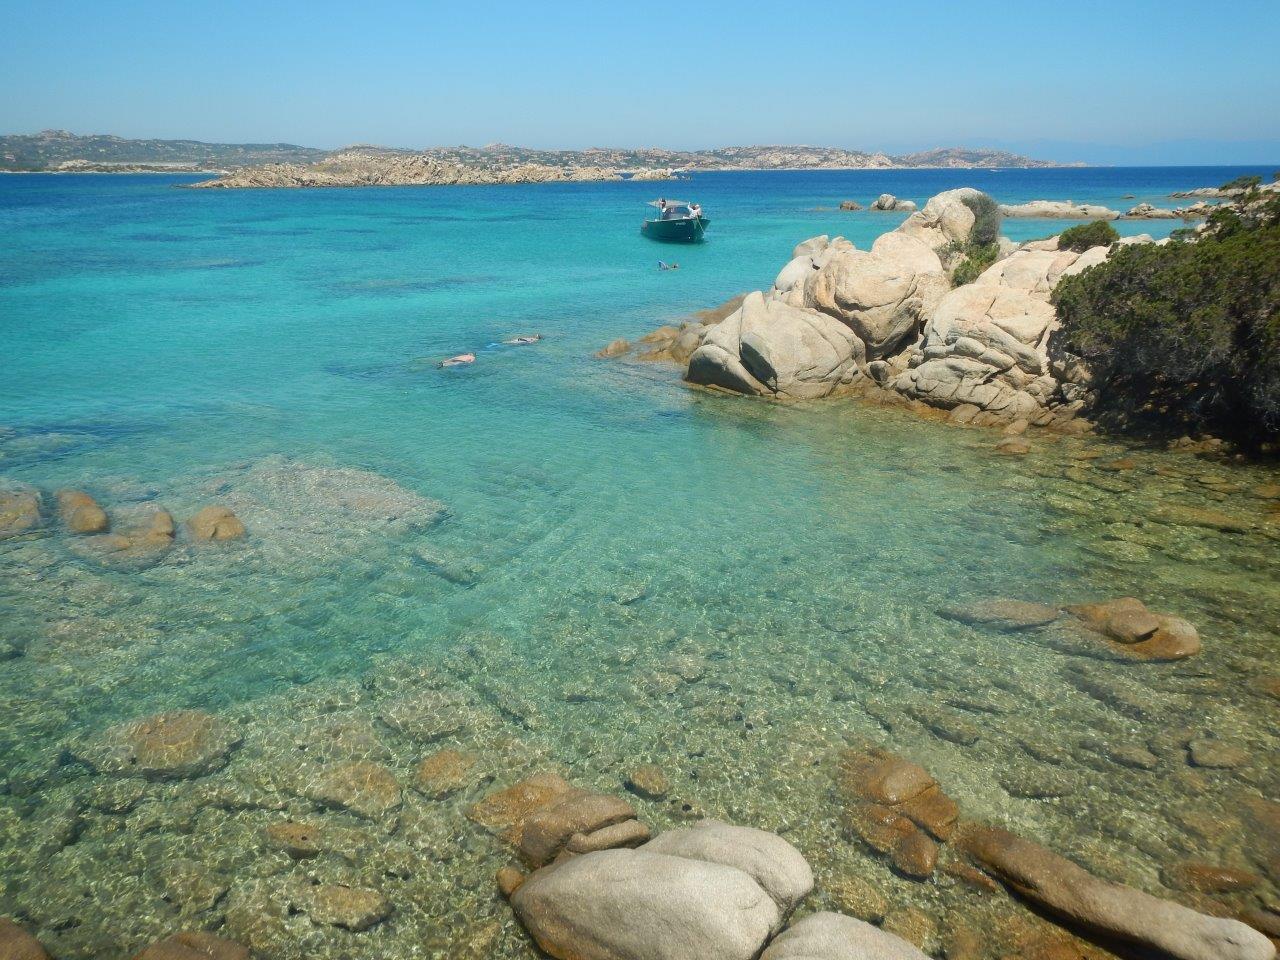 Segeltörn mitmachen zwischen Sardinien und Korsika